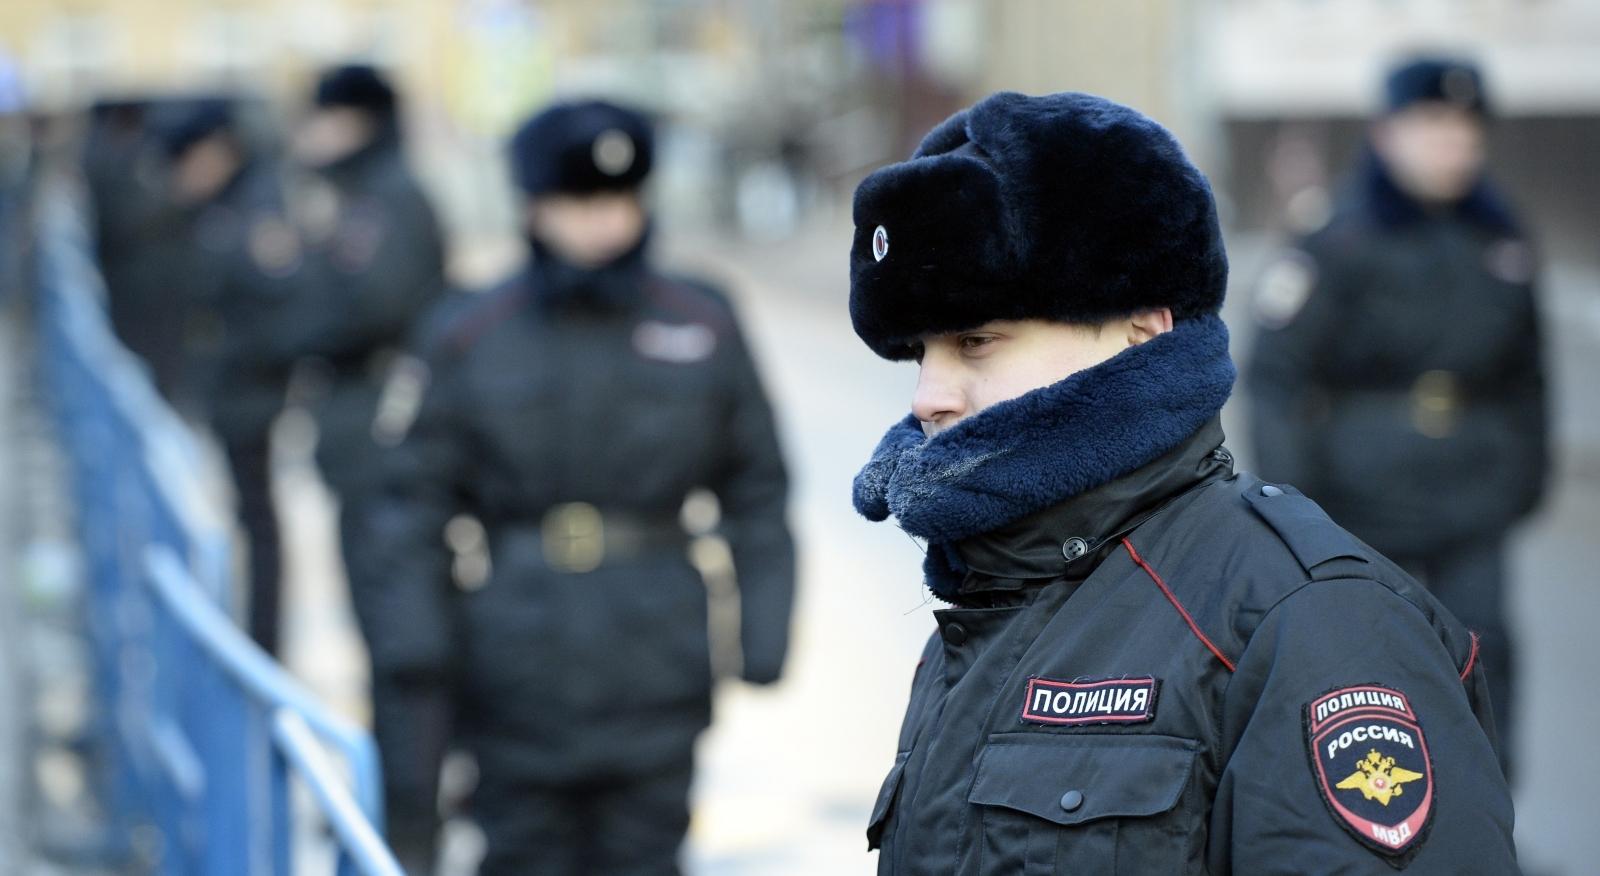 Russian court guard